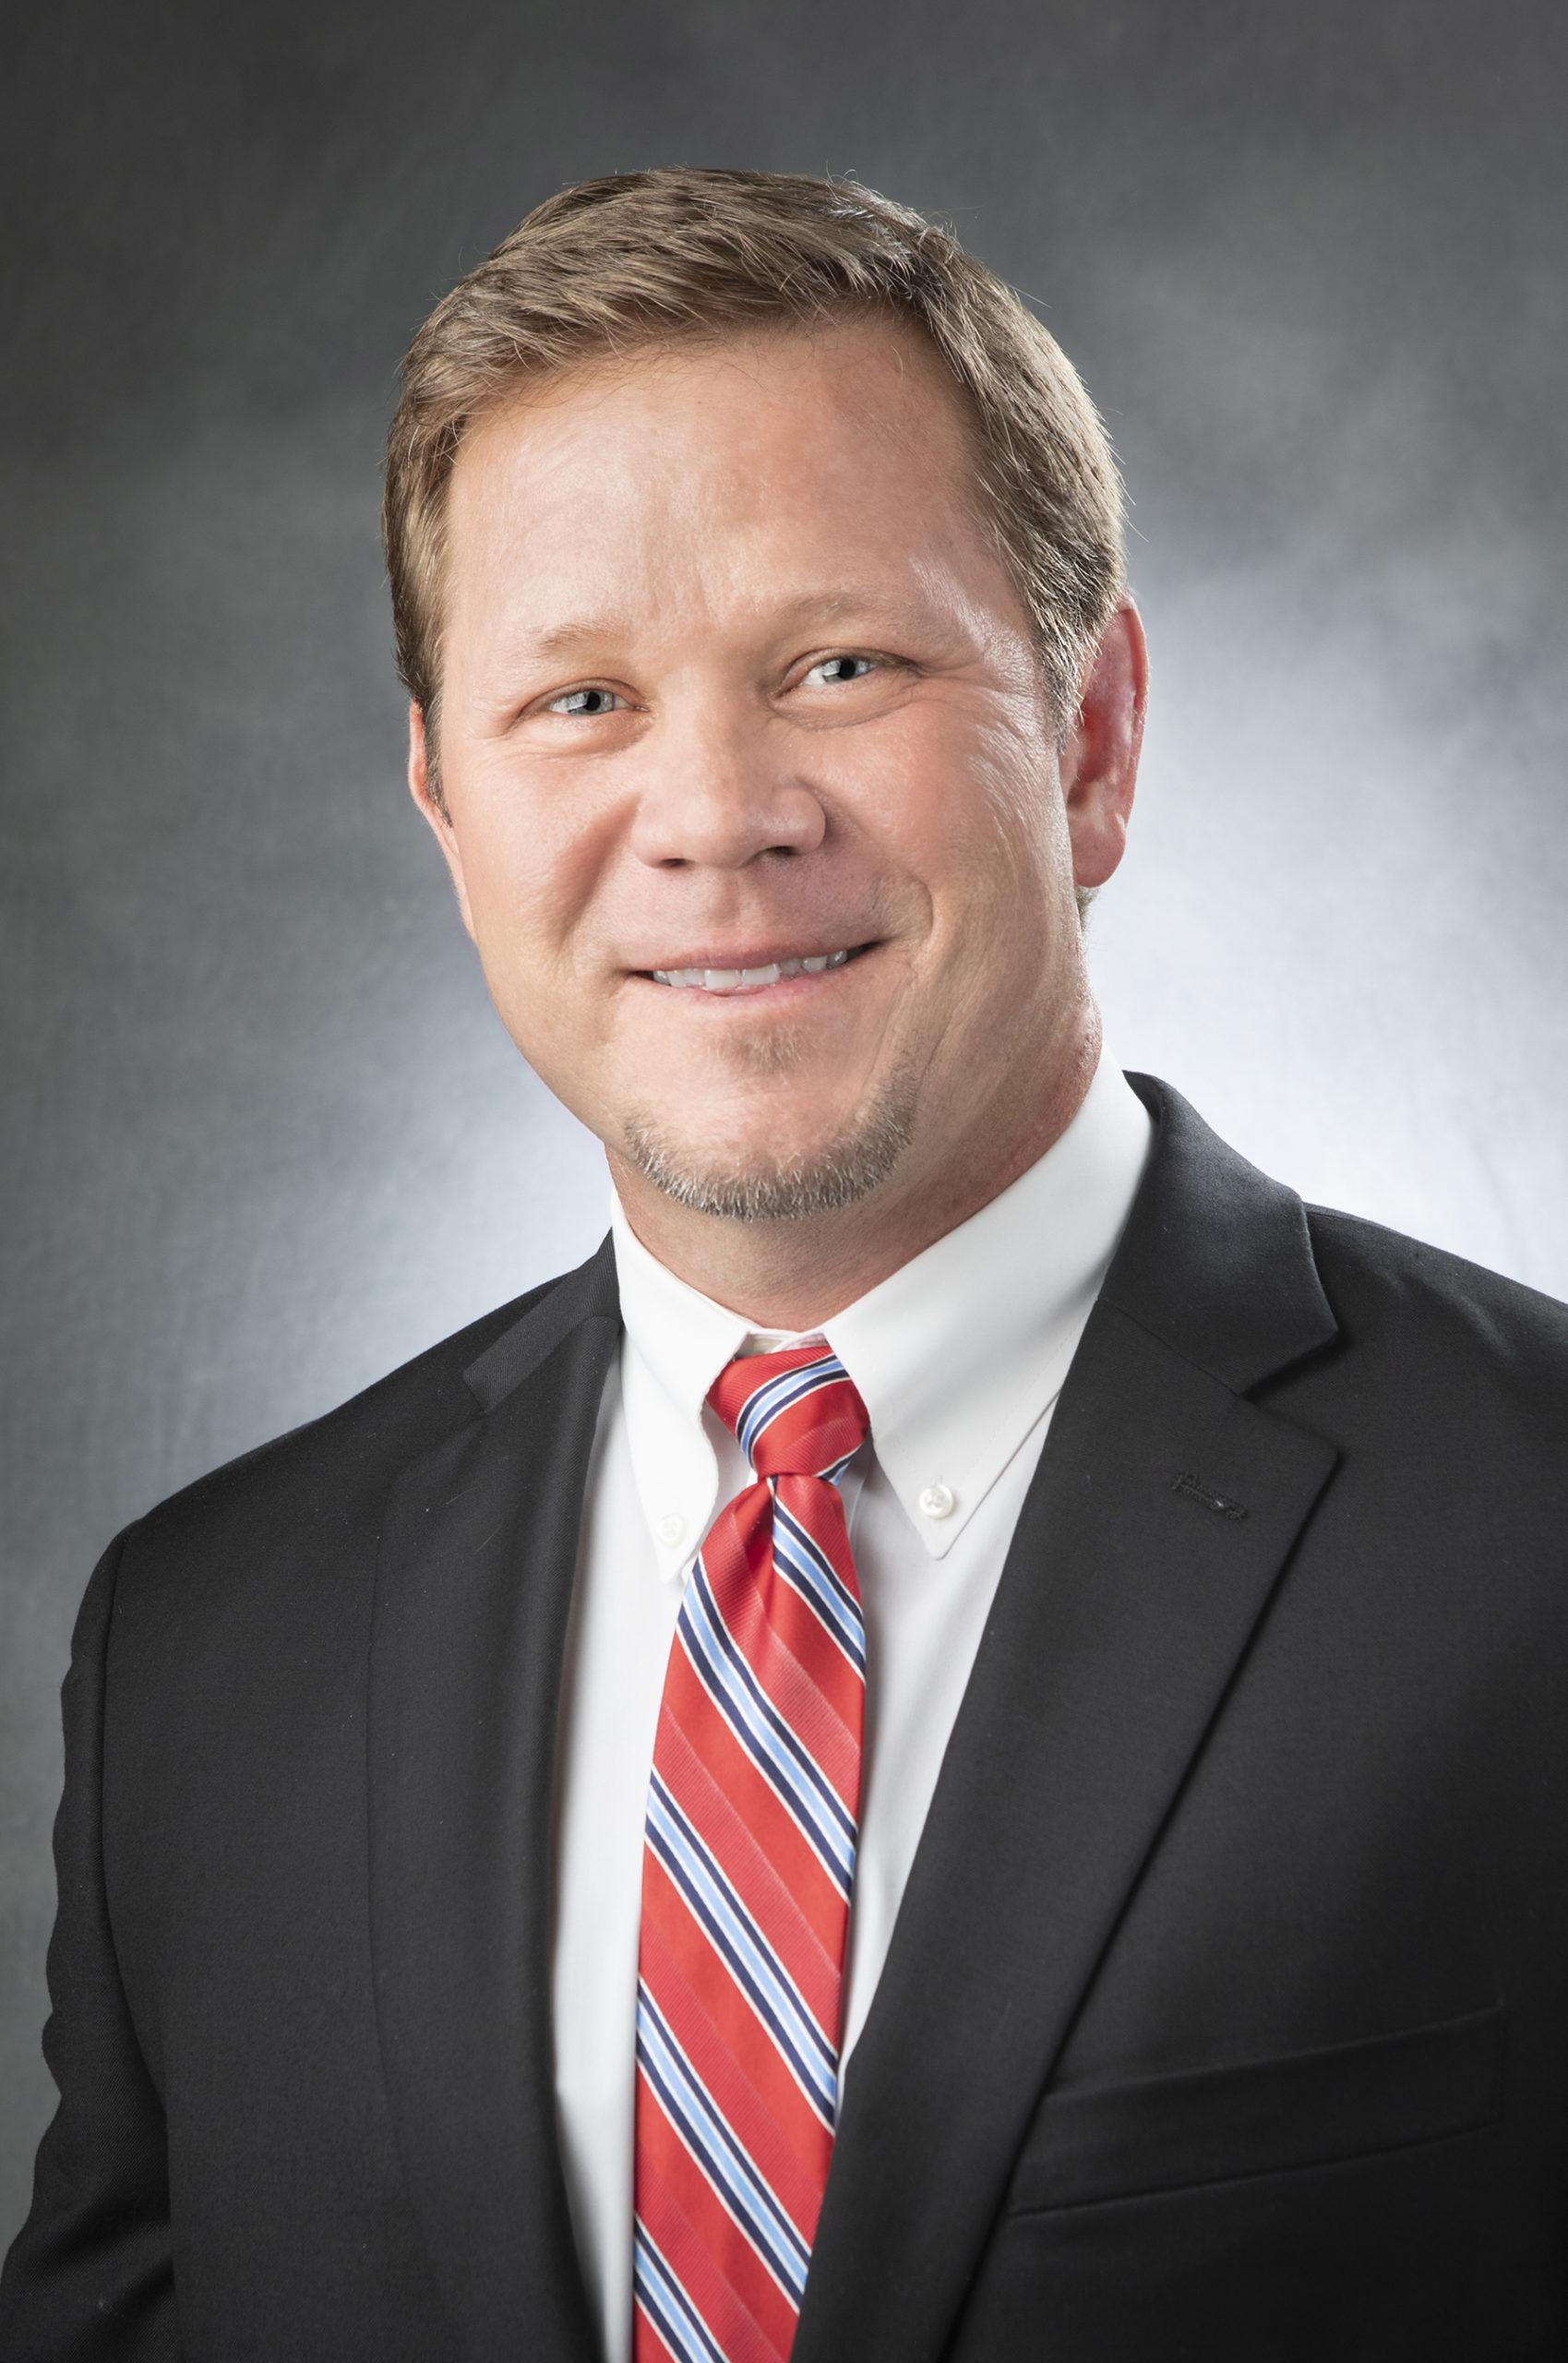 Rob Burris, Tucson Attorney